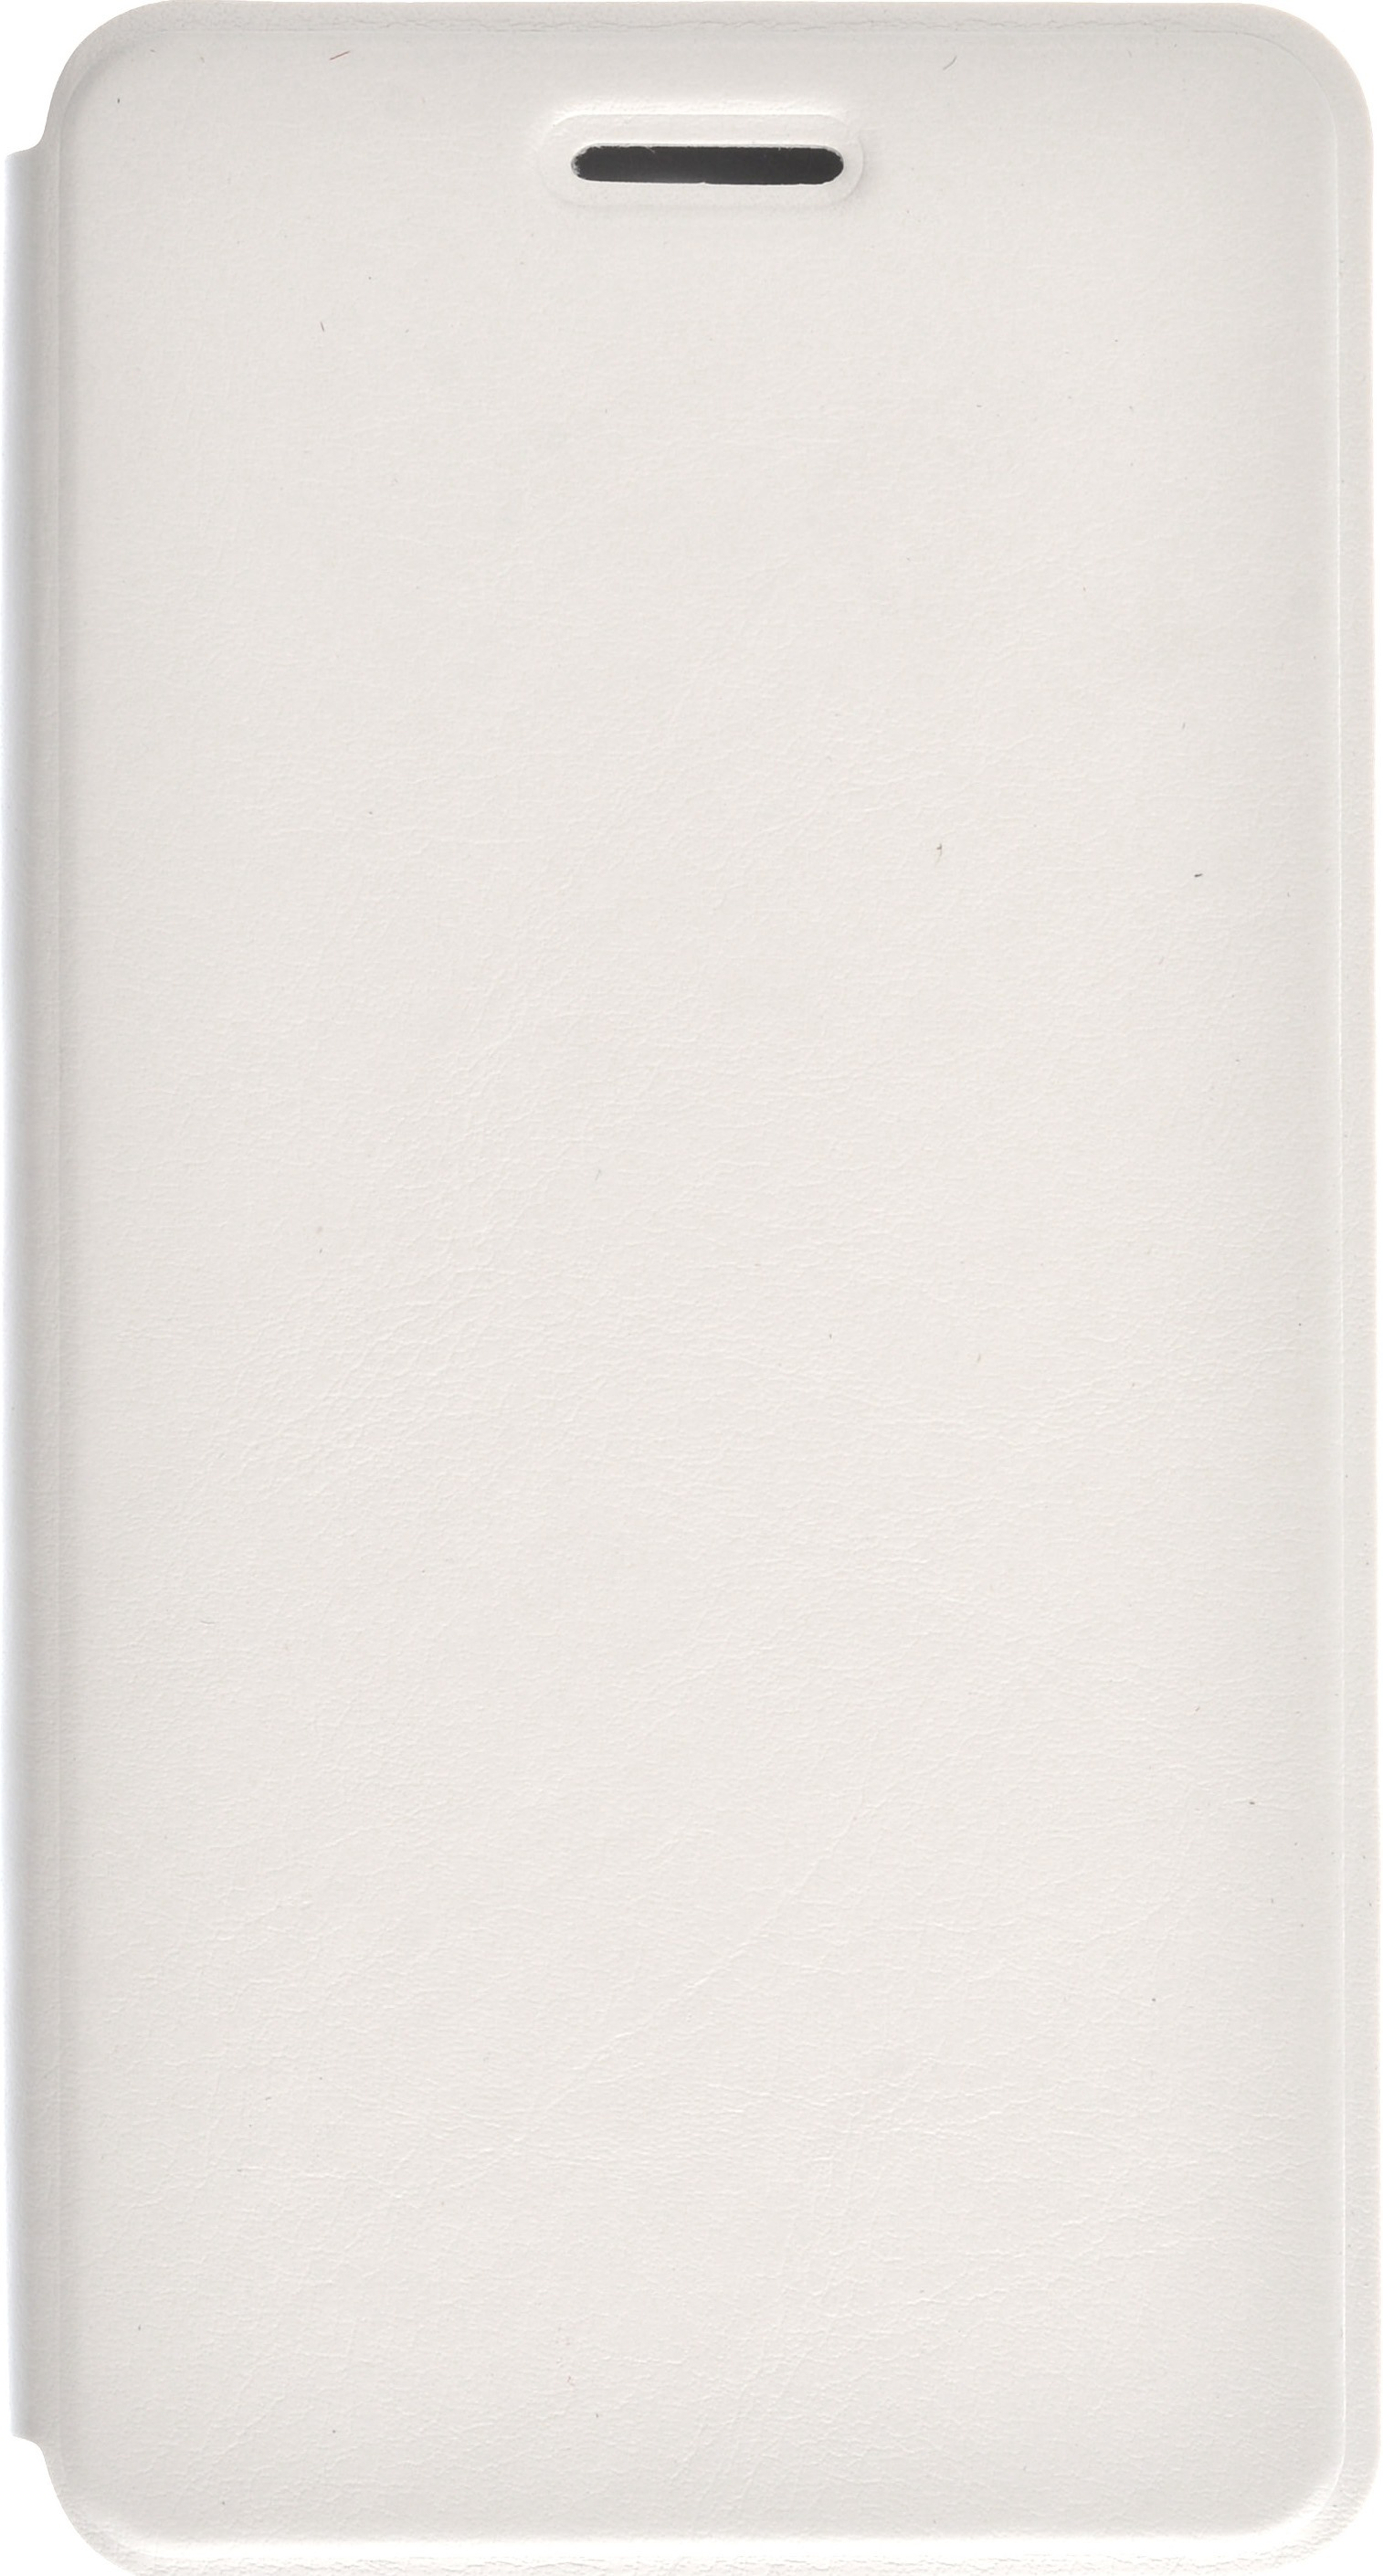 Чехол Lux skinBOX для LG Max X155, белый